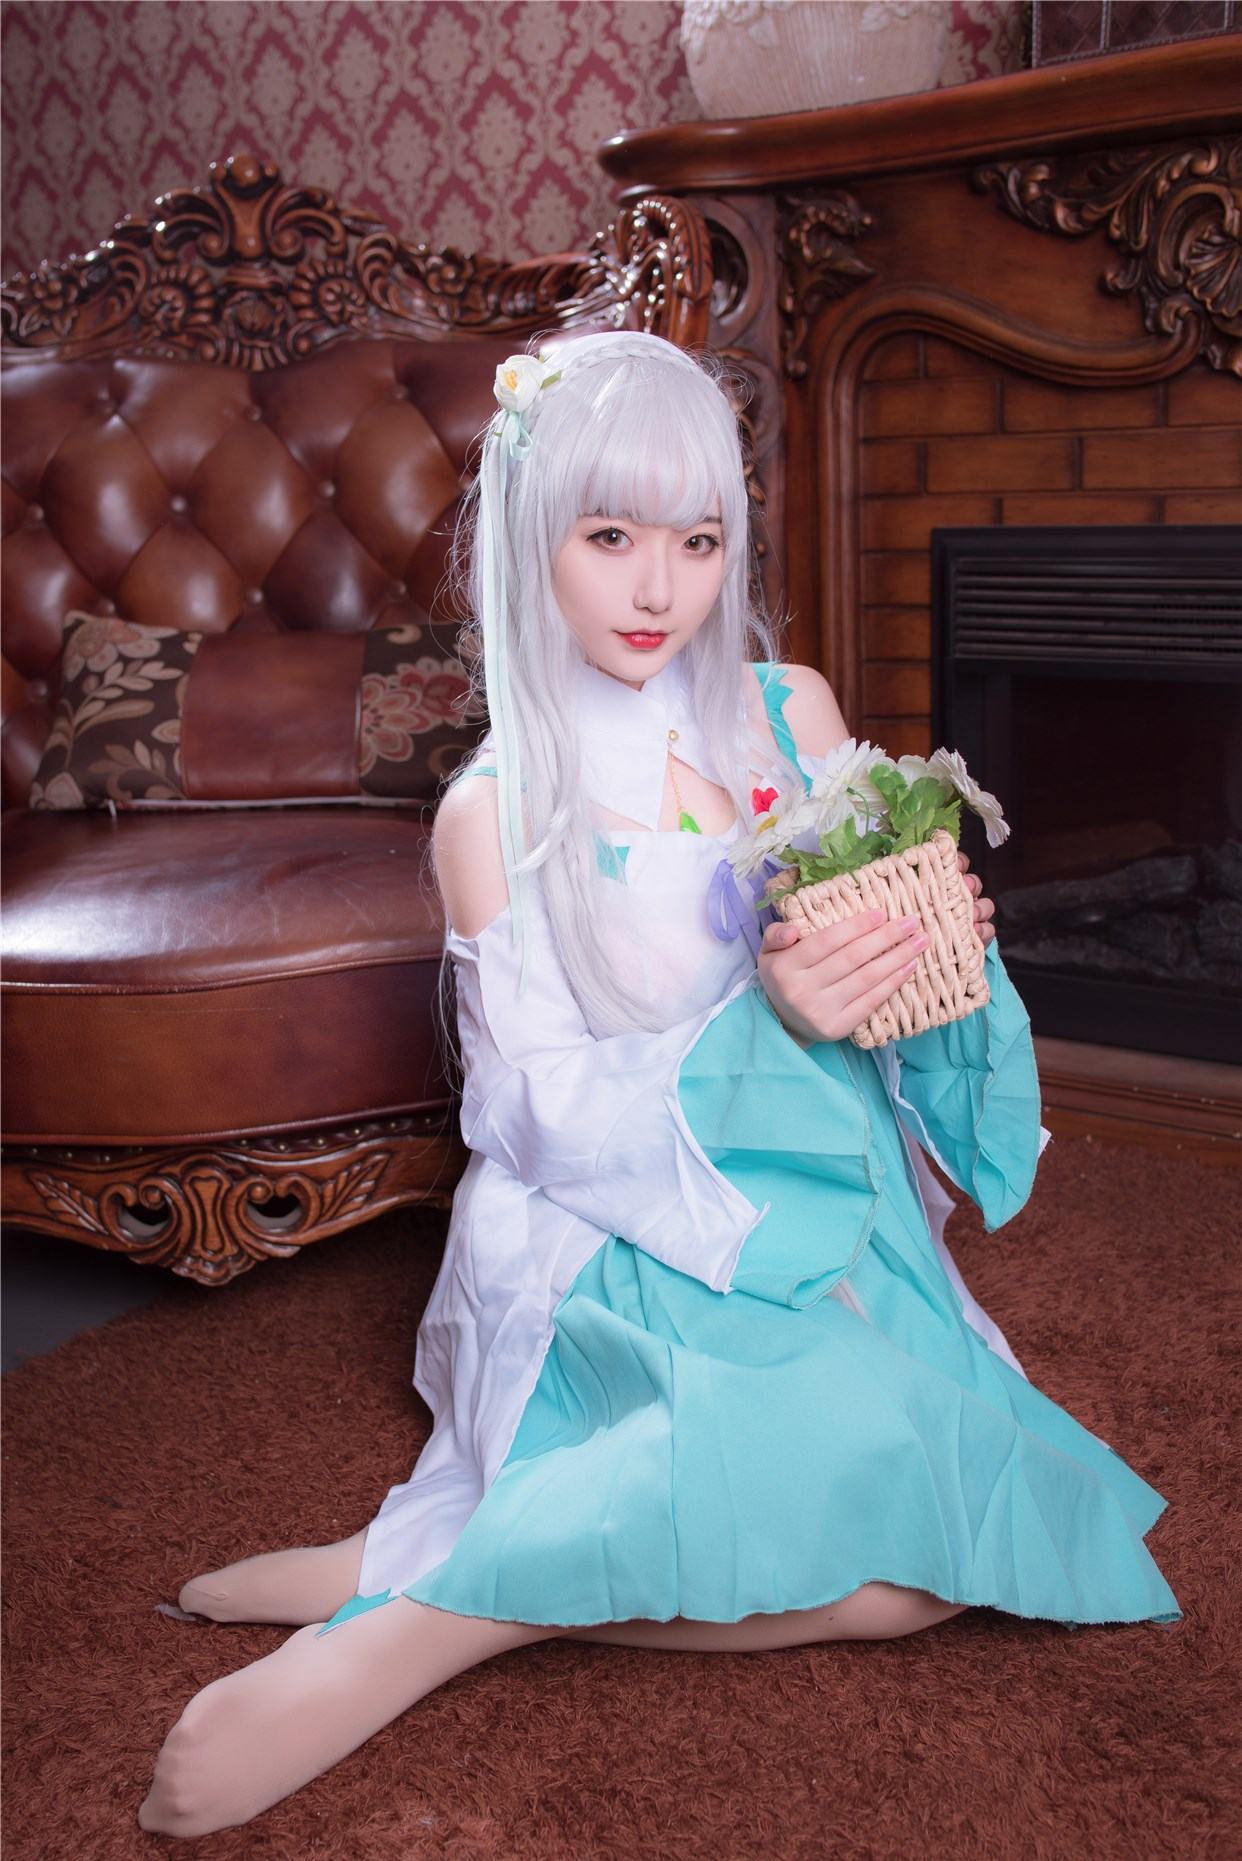 【兔玩映画】艾米莉亚的日常 兔玩映画 第17张